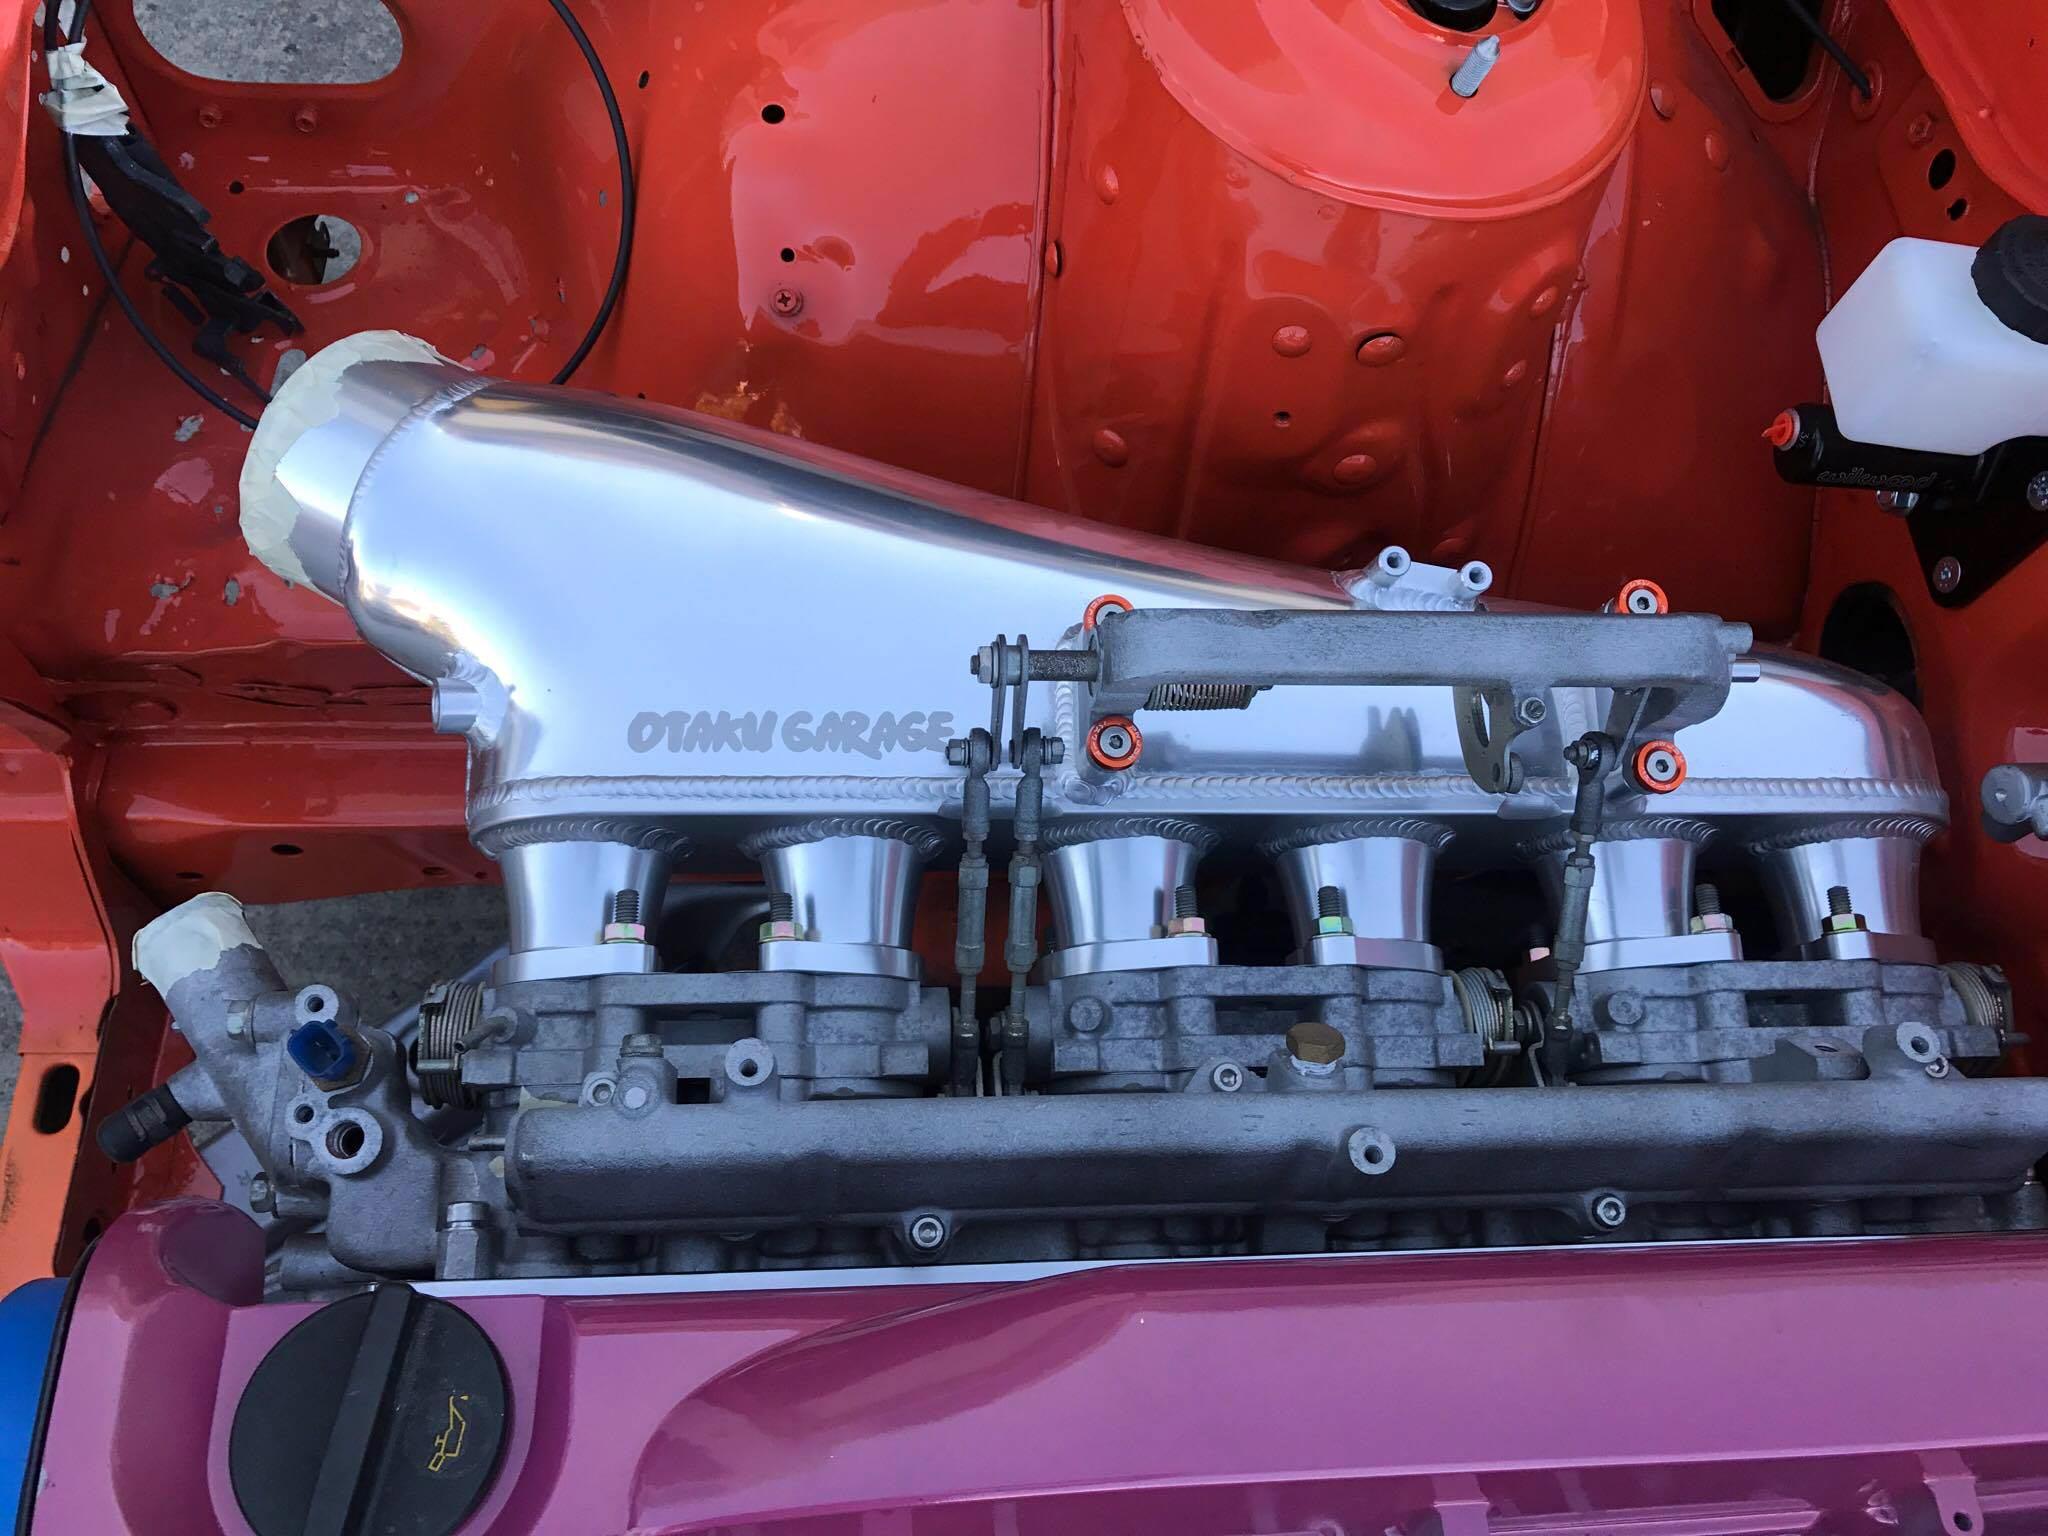 Otaku Garage Intake Manifold RB26DETT